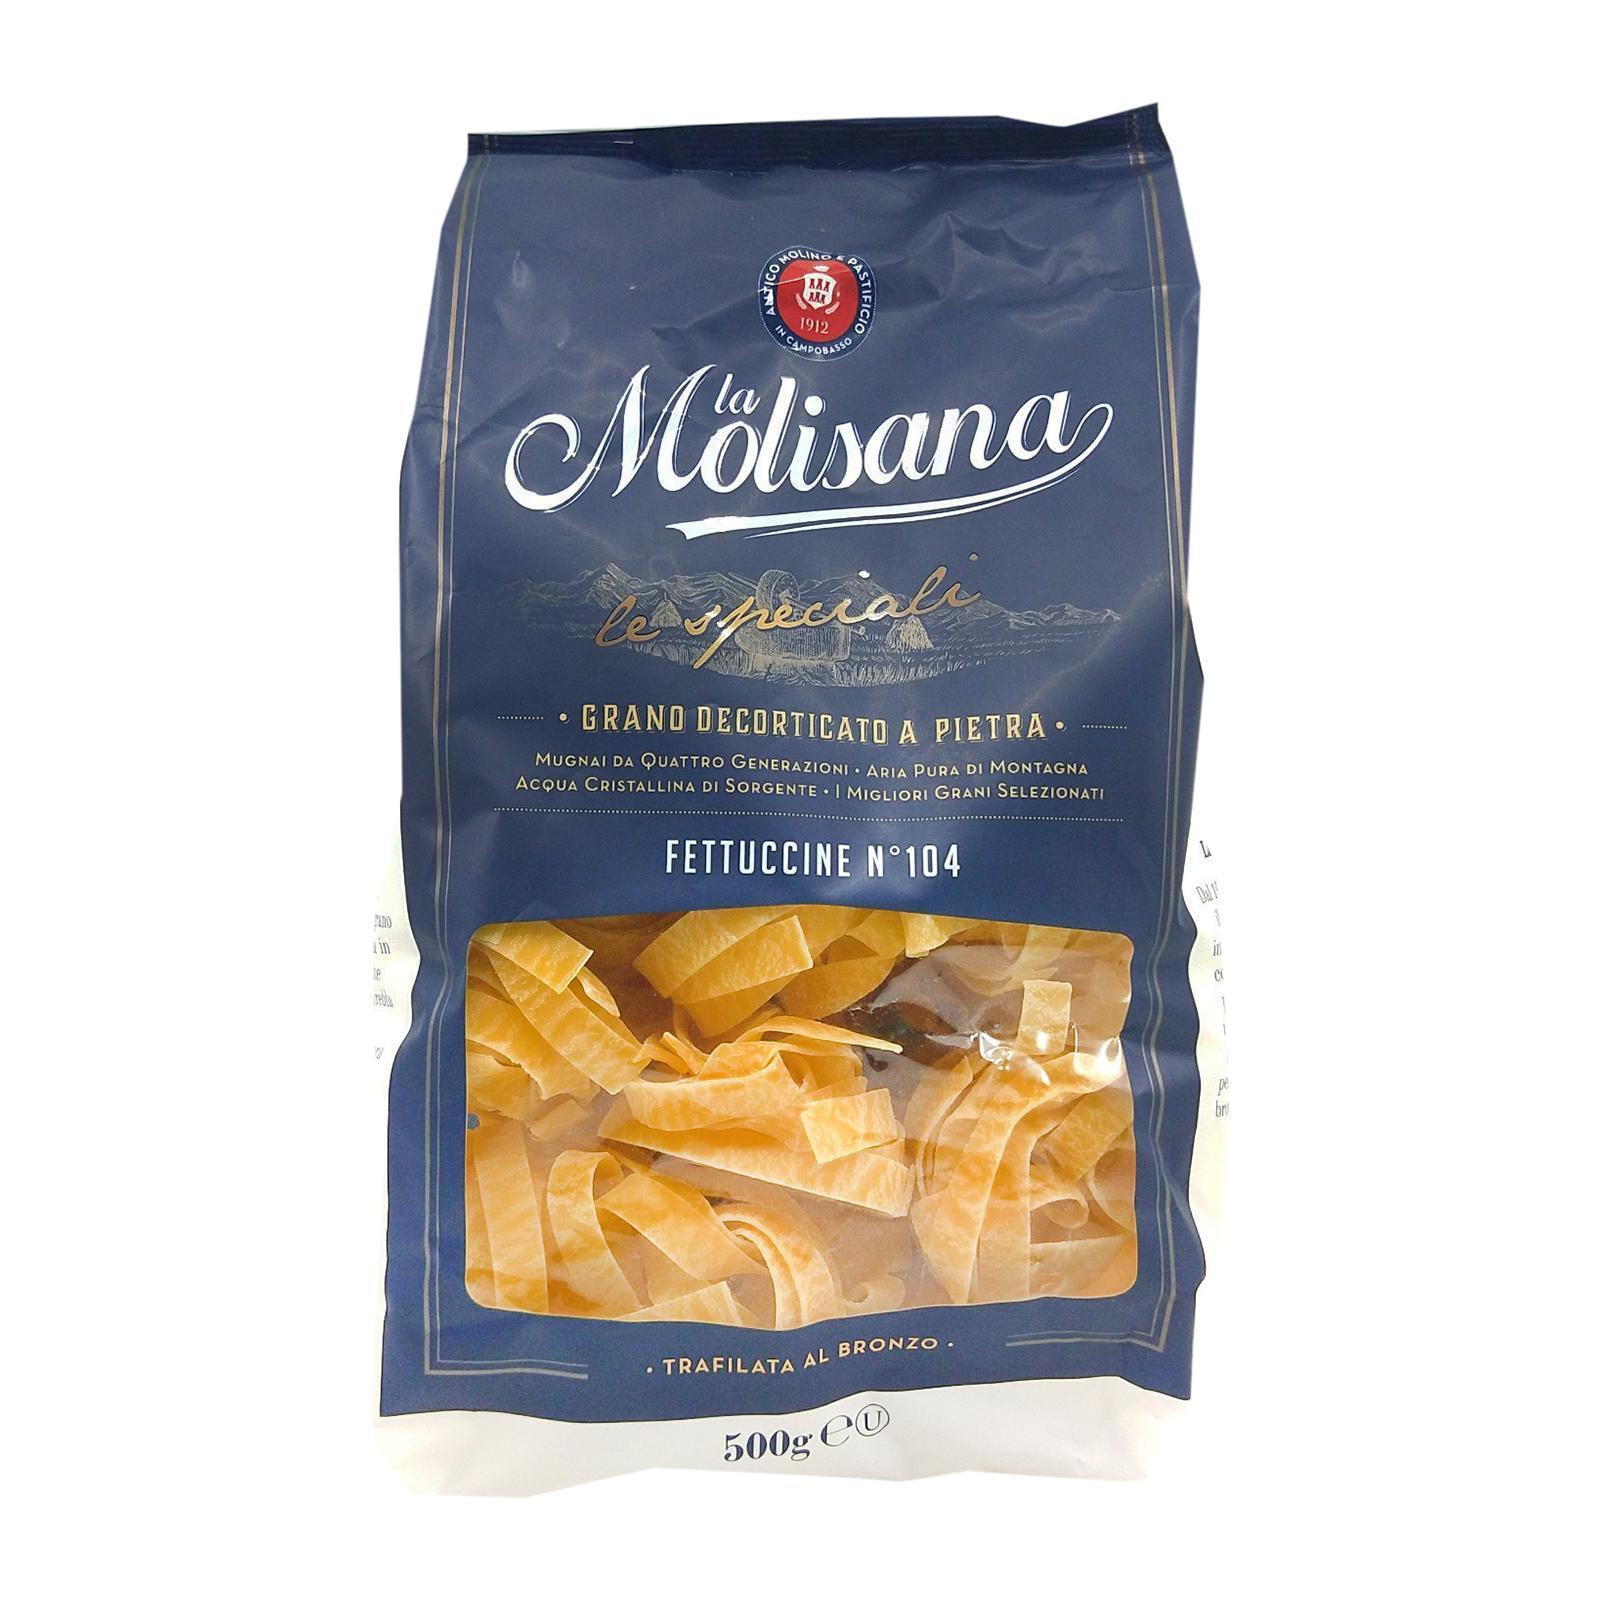 La Molisana Fettuccine Le Specialissime By Redmart.